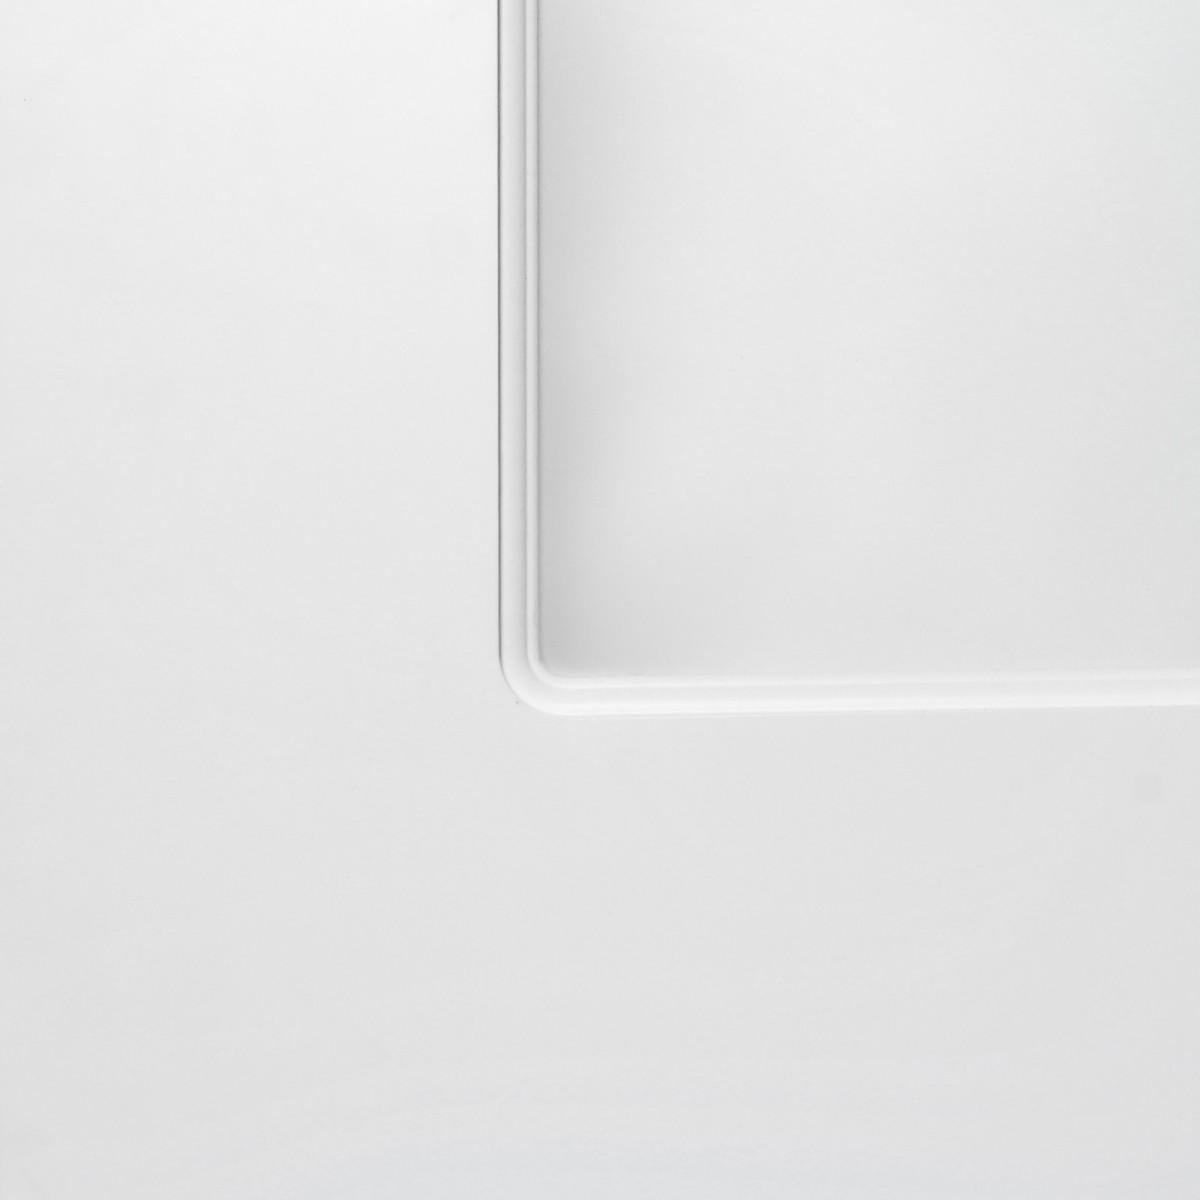 Дверь Межкомнатная Остеклённая Австралия 200x80 Эмаль Цвет Белый С Фурнитурой